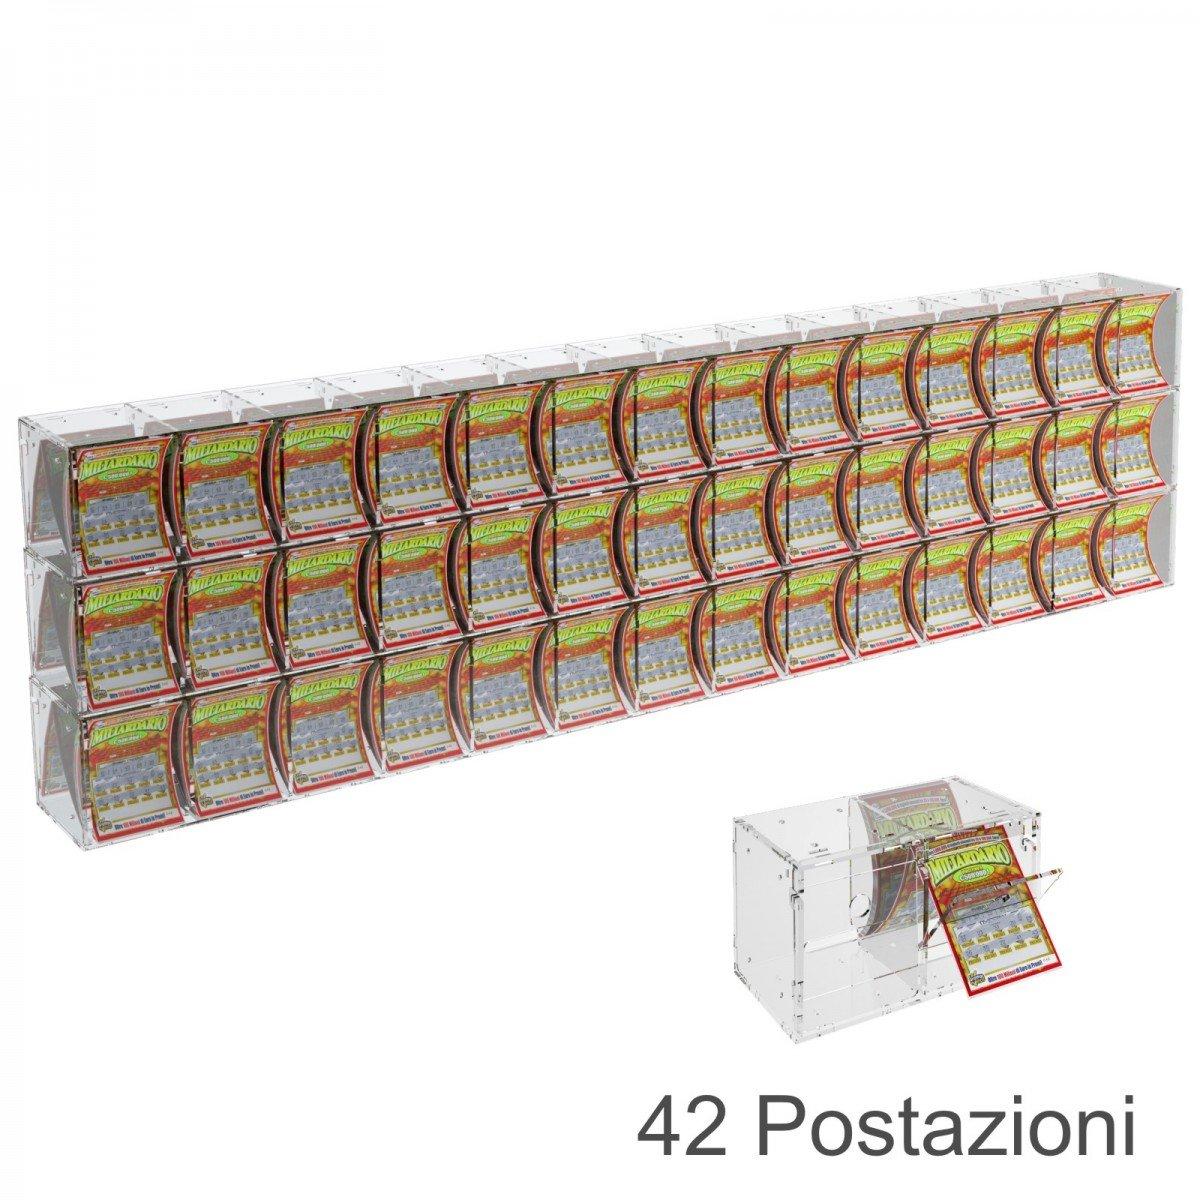 Espositore gratta e vinci da banco o da soffitto in plexiglass trasparente a 42 contenitori munito di sportellino frontale lato rivenditore